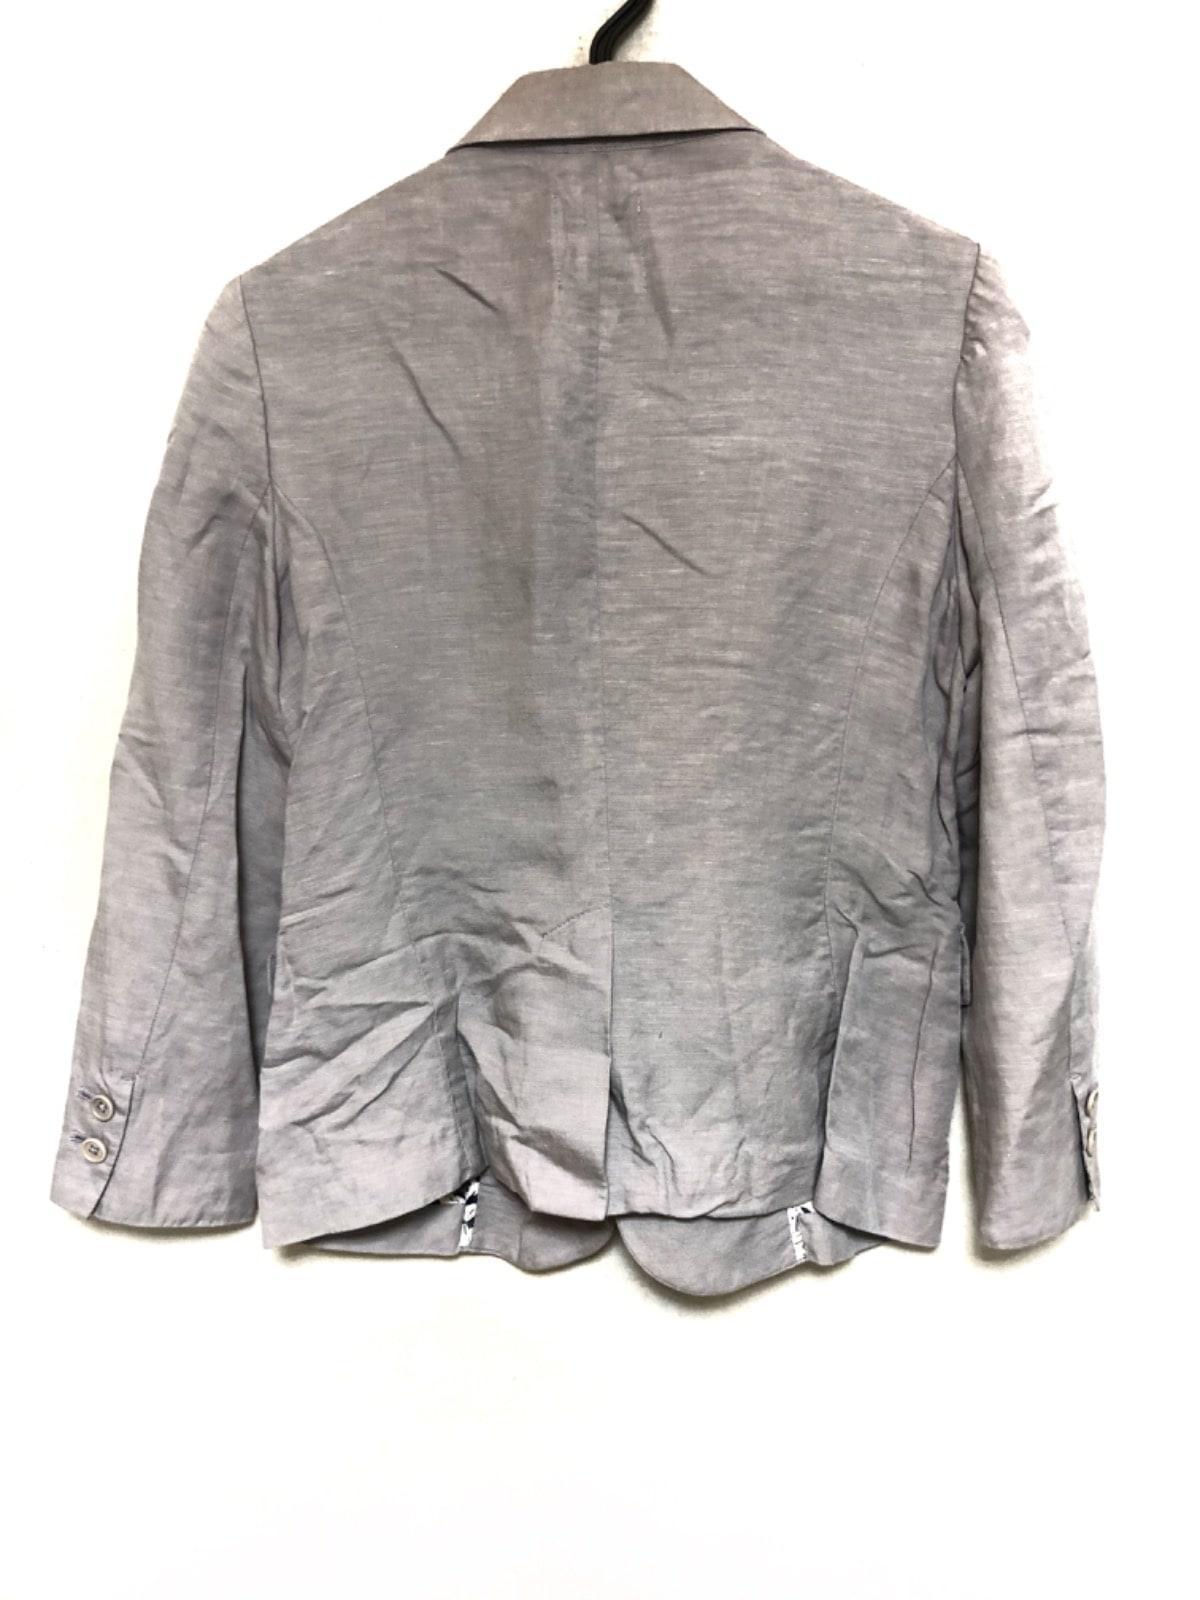 Paul+ PaulSmith(ポールスミスプラス)のジャケット